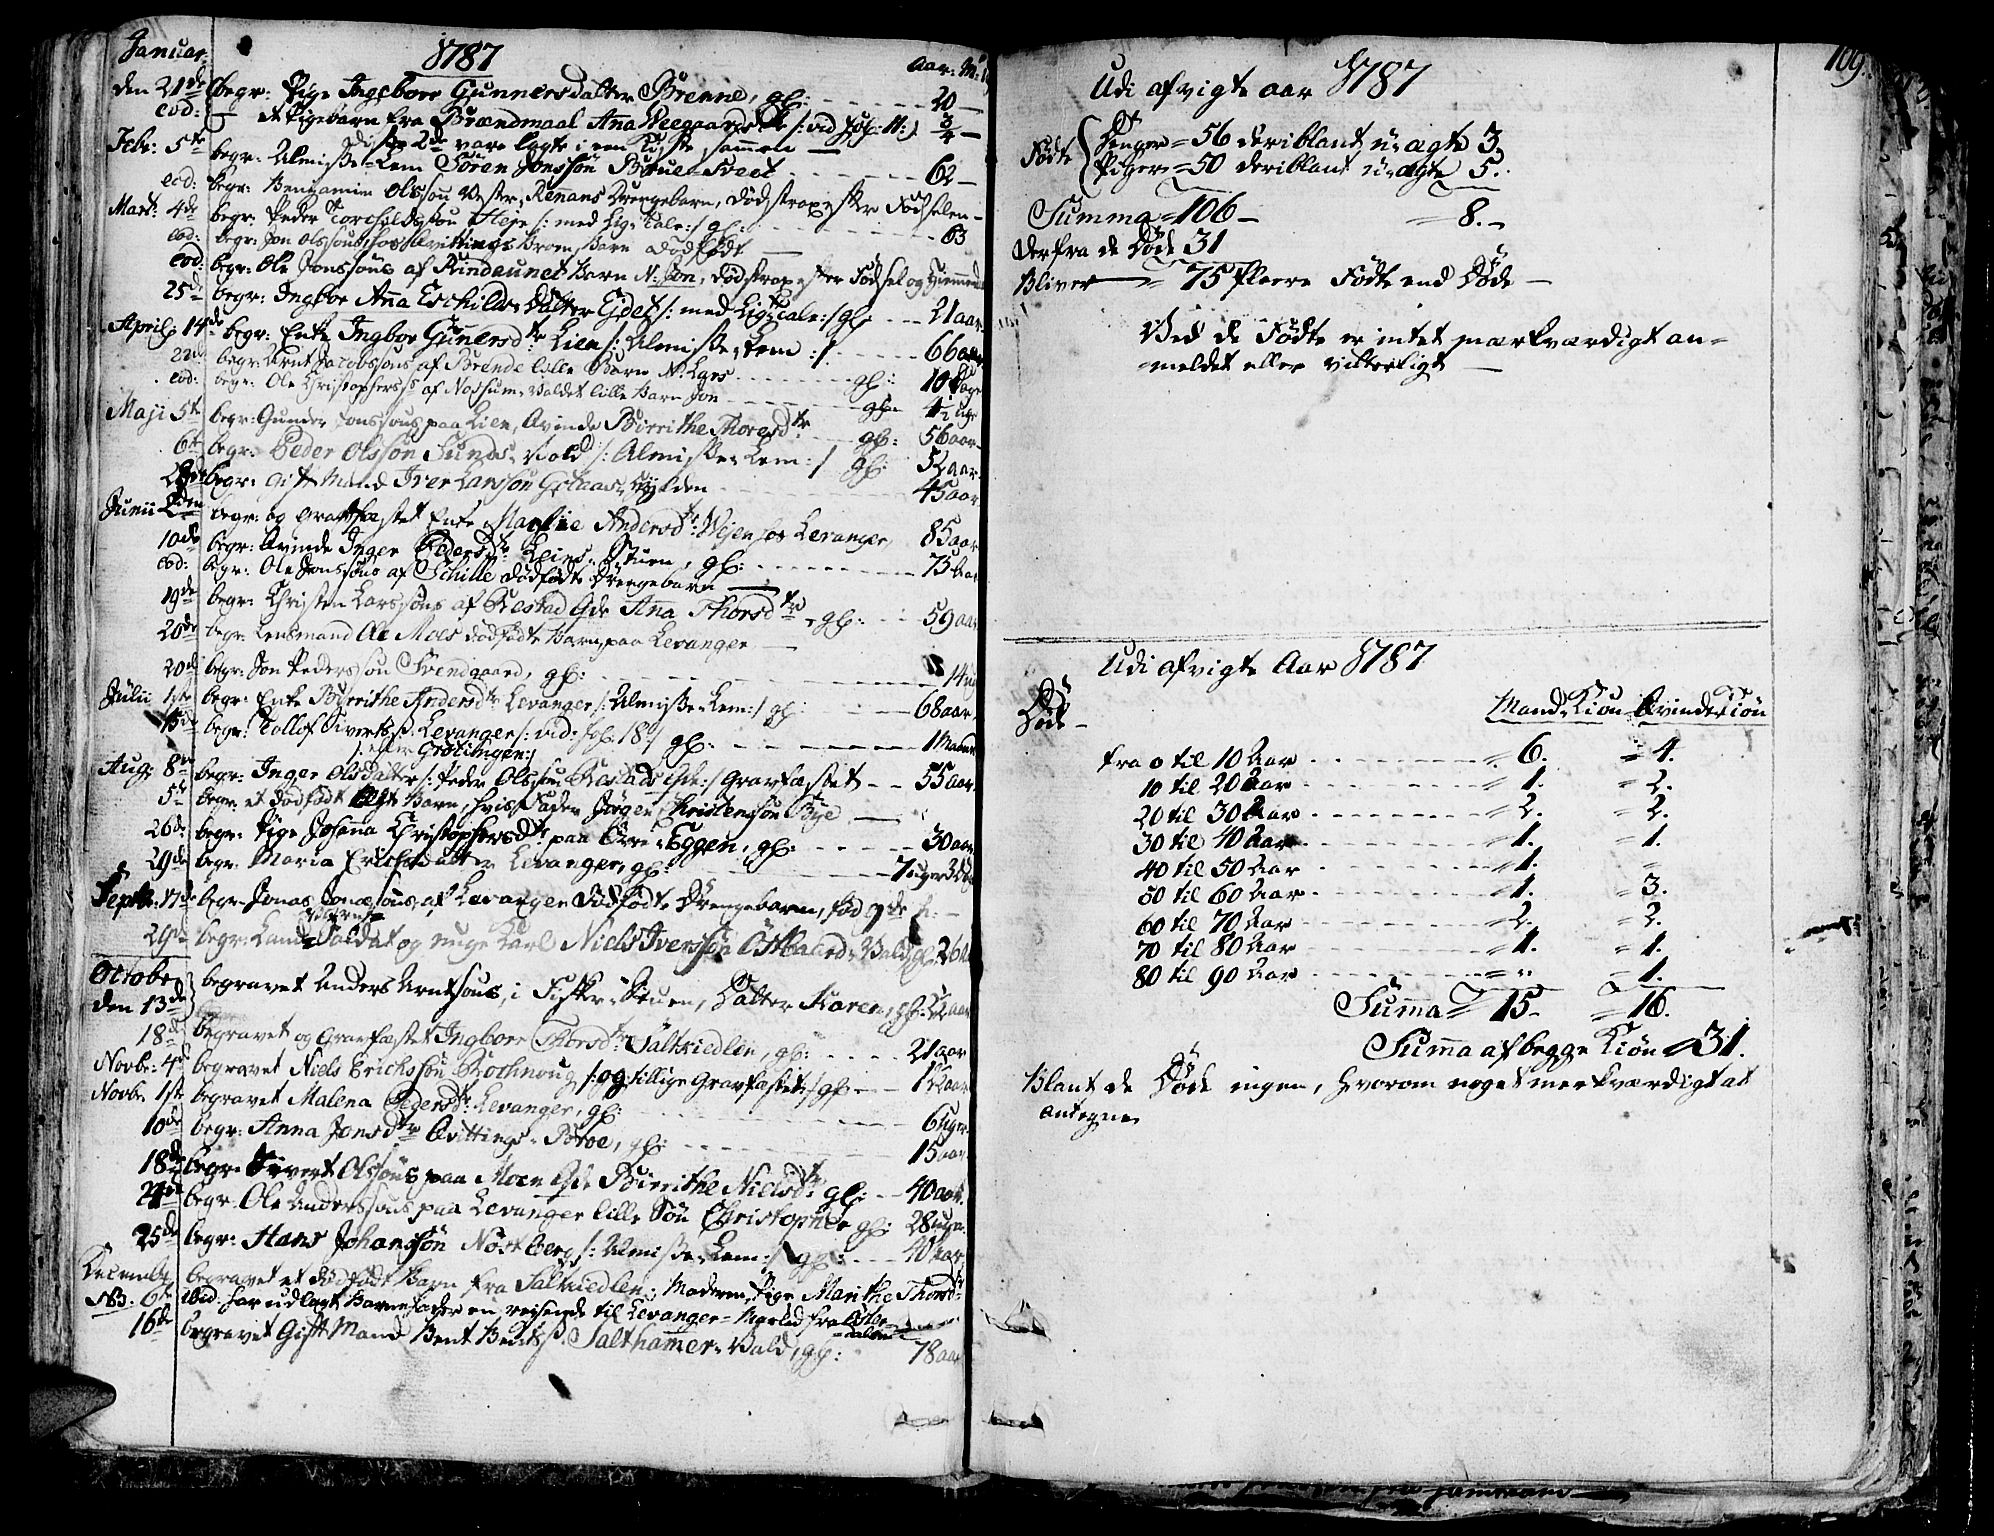 SAT, Ministerialprotokoller, klokkerbøker og fødselsregistre - Nord-Trøndelag, 717/L0142: Ministerialbok nr. 717A02 /1, 1783-1809, s. 109